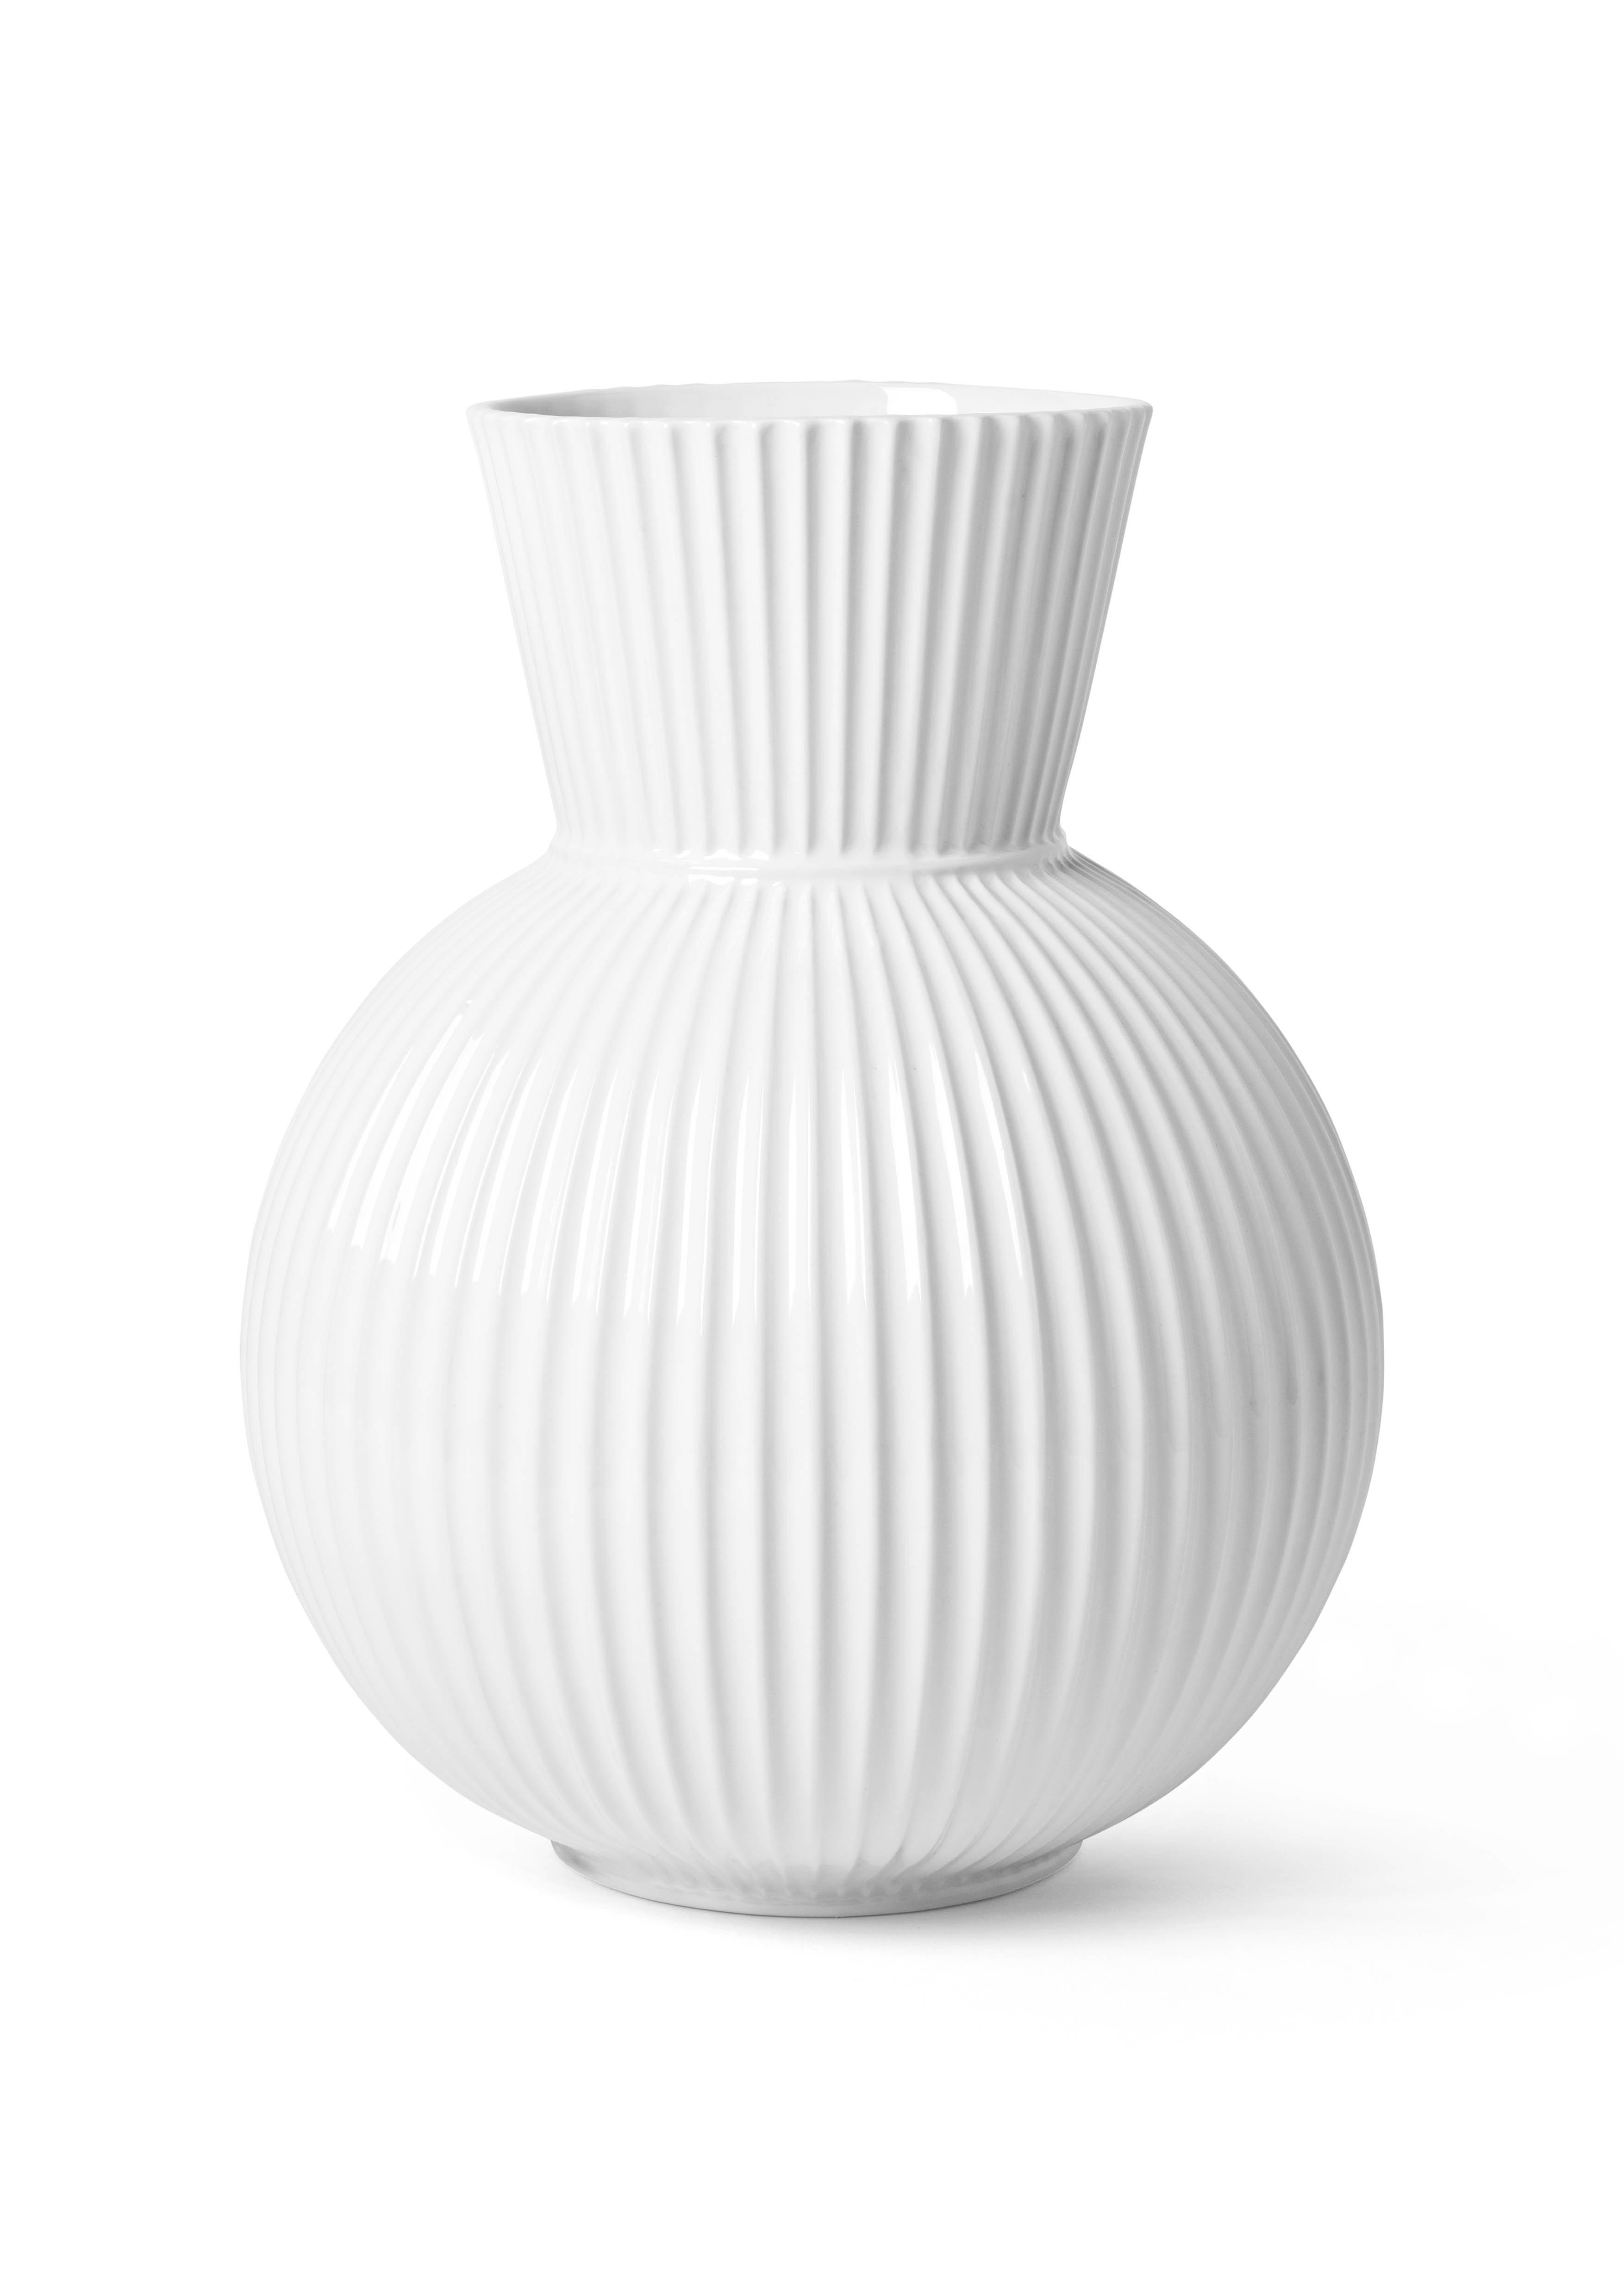 Lyngby Porcelæn Tura vase, 34,5 cm